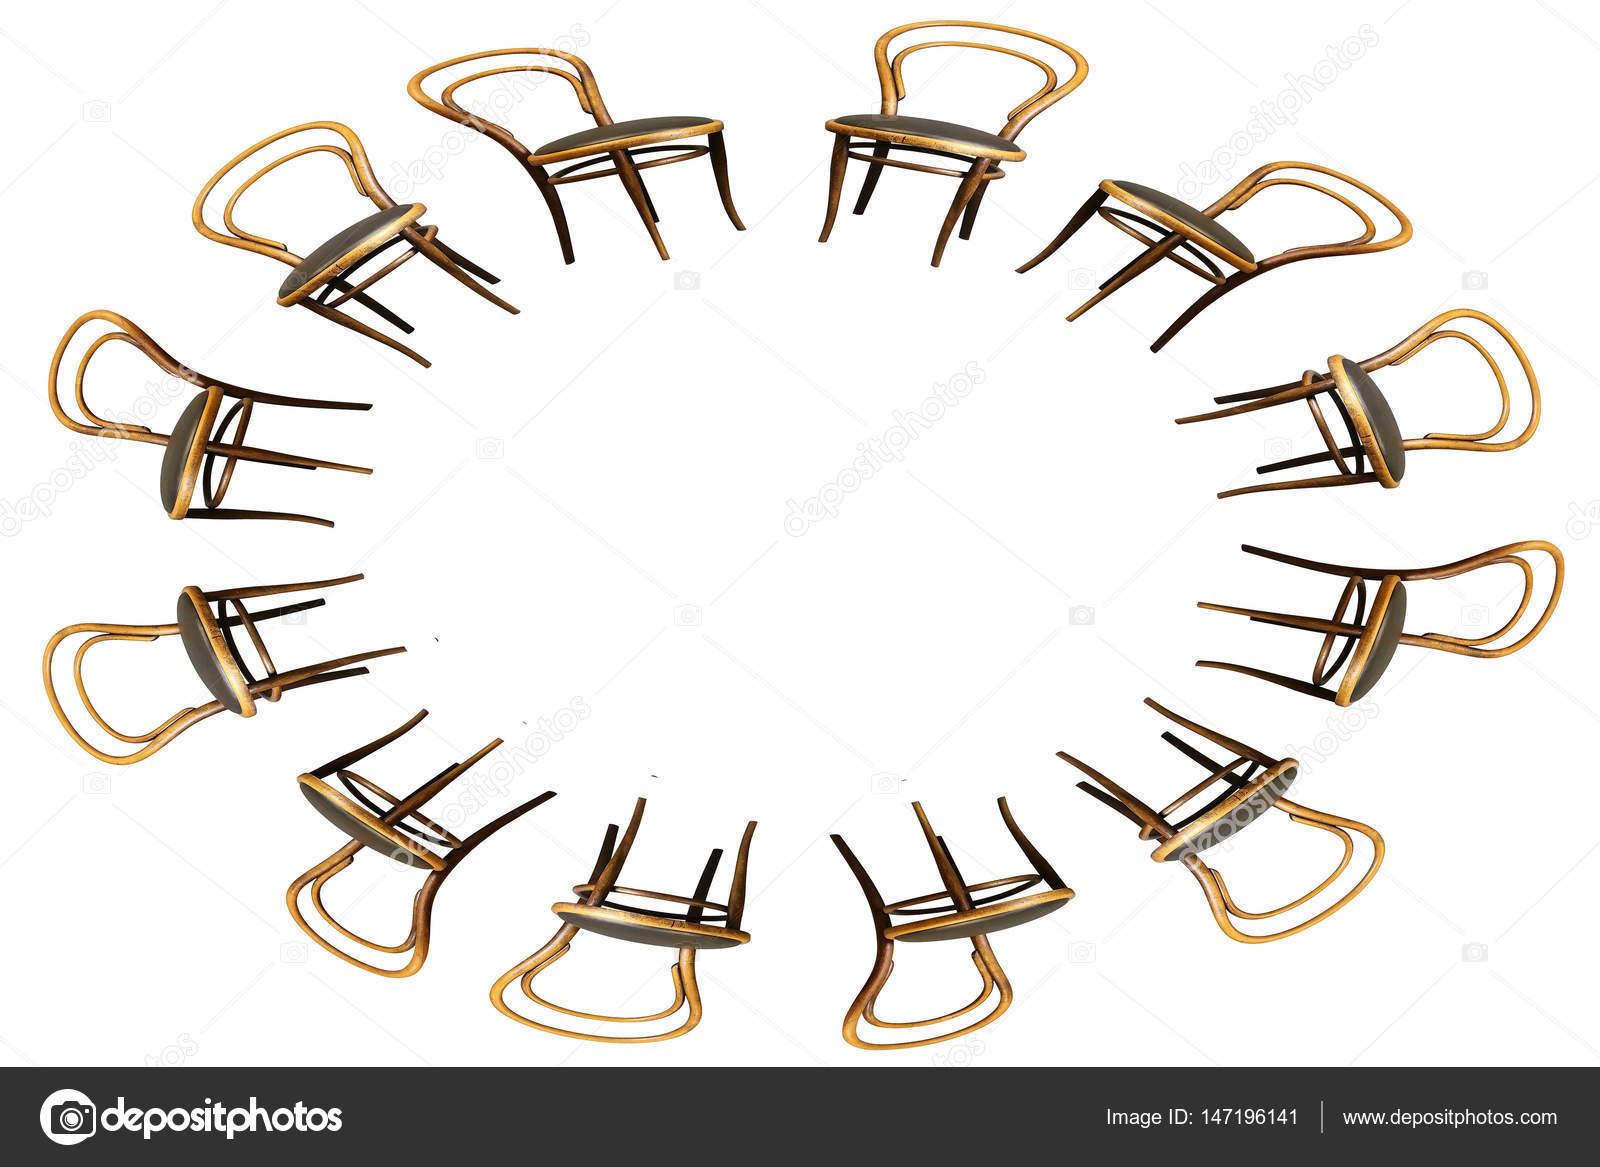 Oval silla de estructura de madera curvada antiguo aislada en blanco ...